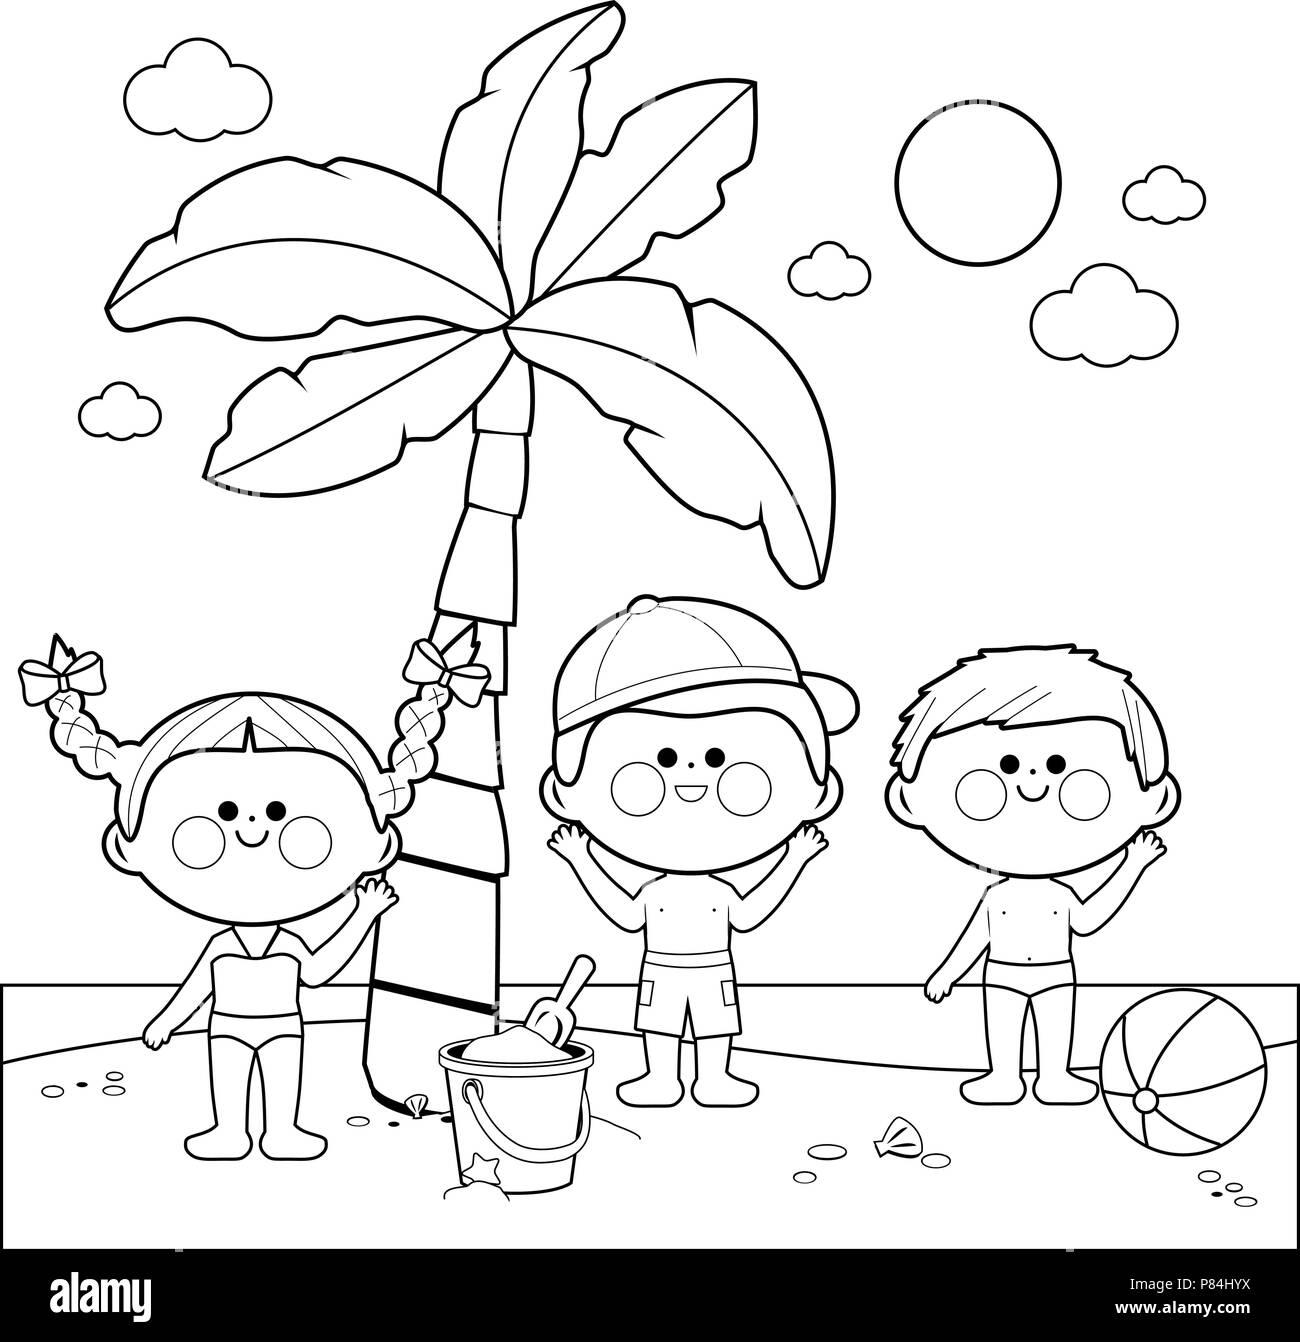 Bambini In Spiaggia A Giocare Sotto Una Palma In Bianco E Nero La Colorazione Di Pagina Del Libro Immagine E Vettoriale Alamy